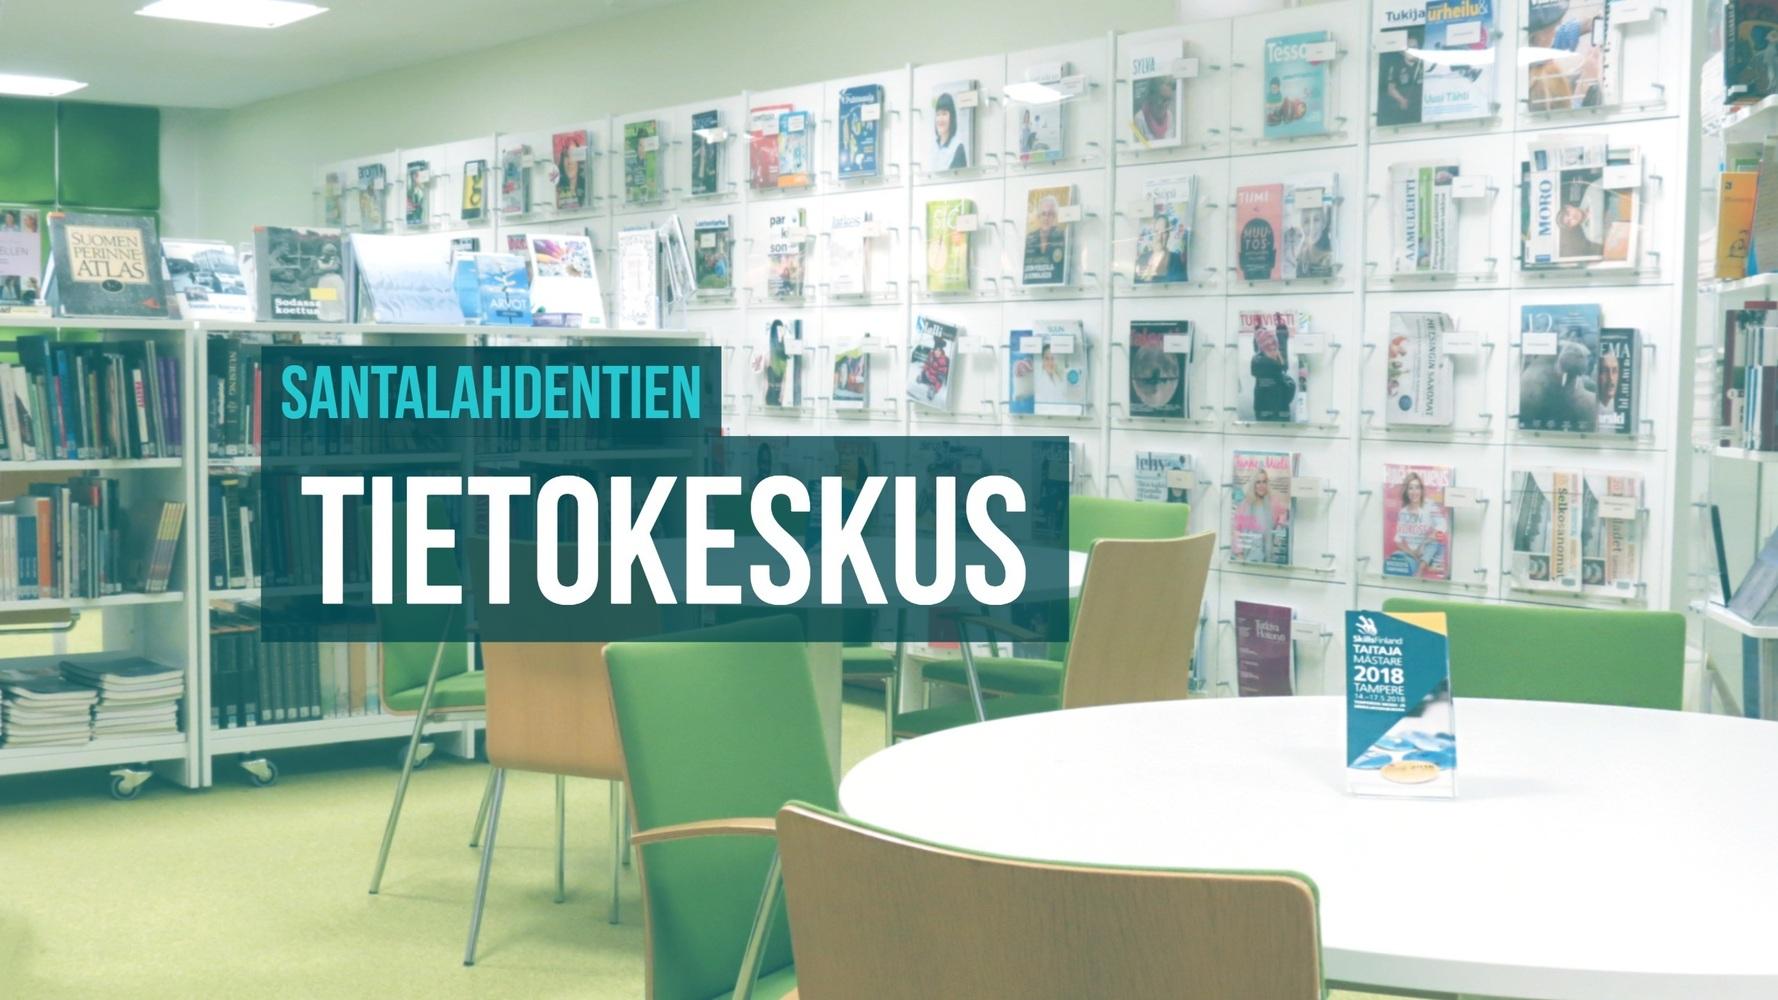 Santalahdentien tietokeskus (TOKI-kirjastot)